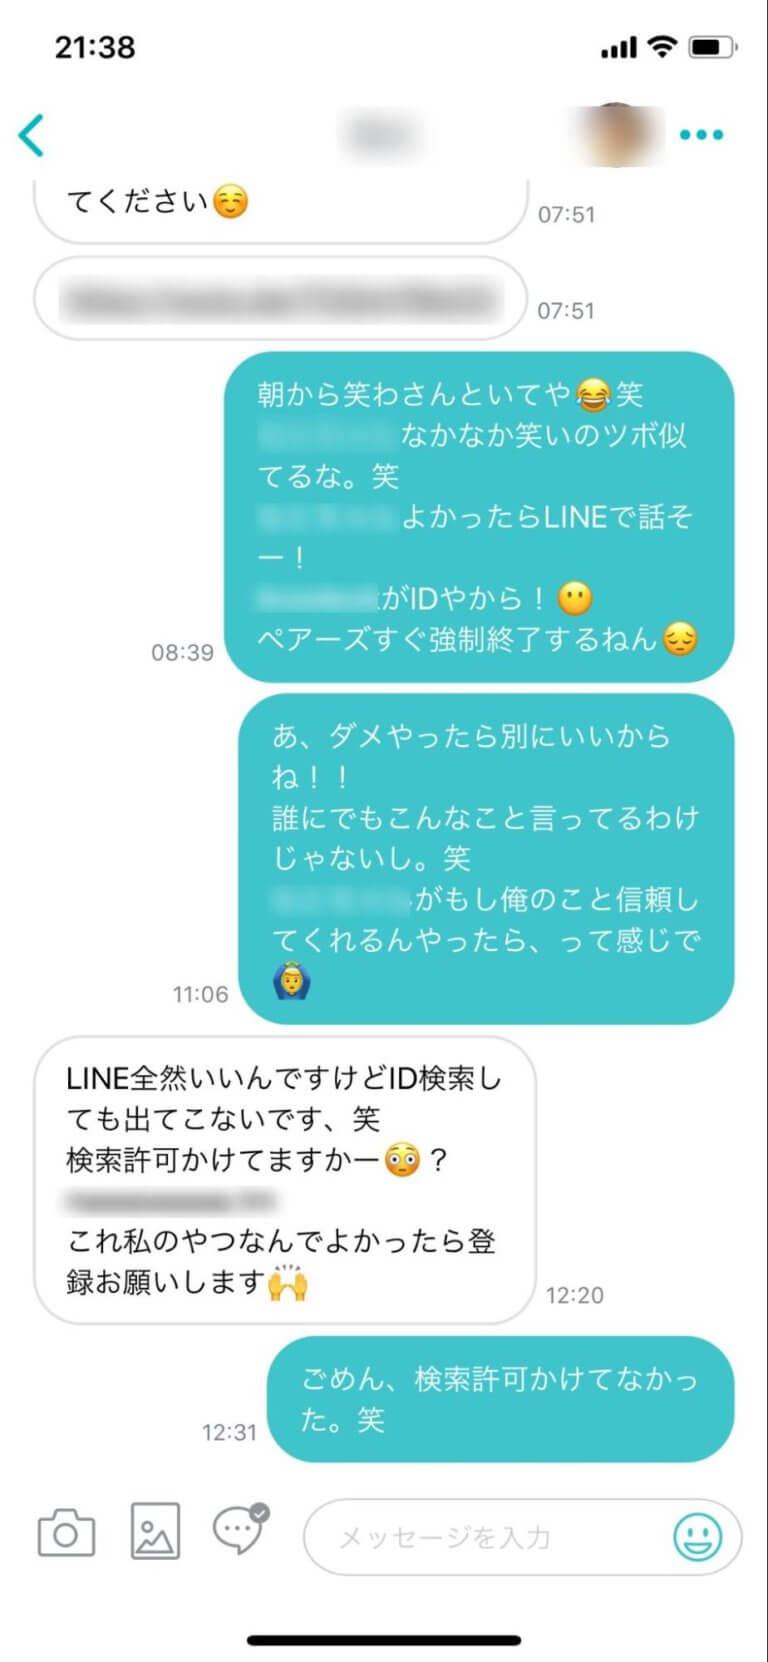 ペアーズライン(LINE)交換